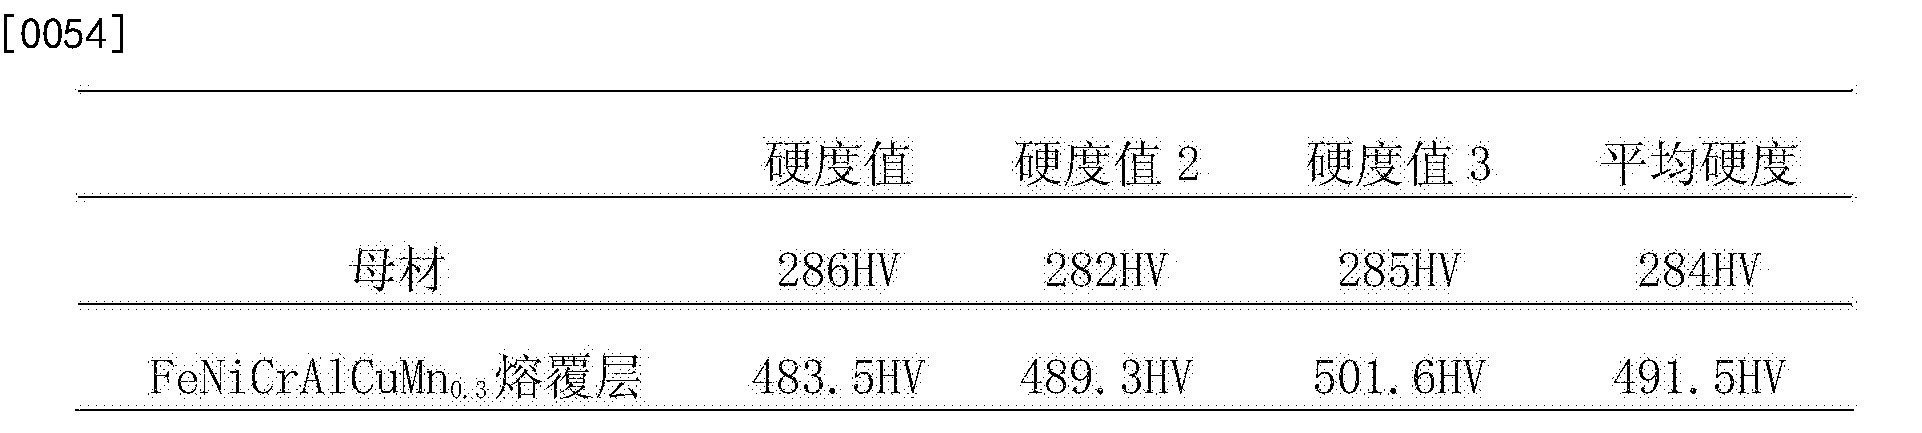 Figure CN104141127BD00071